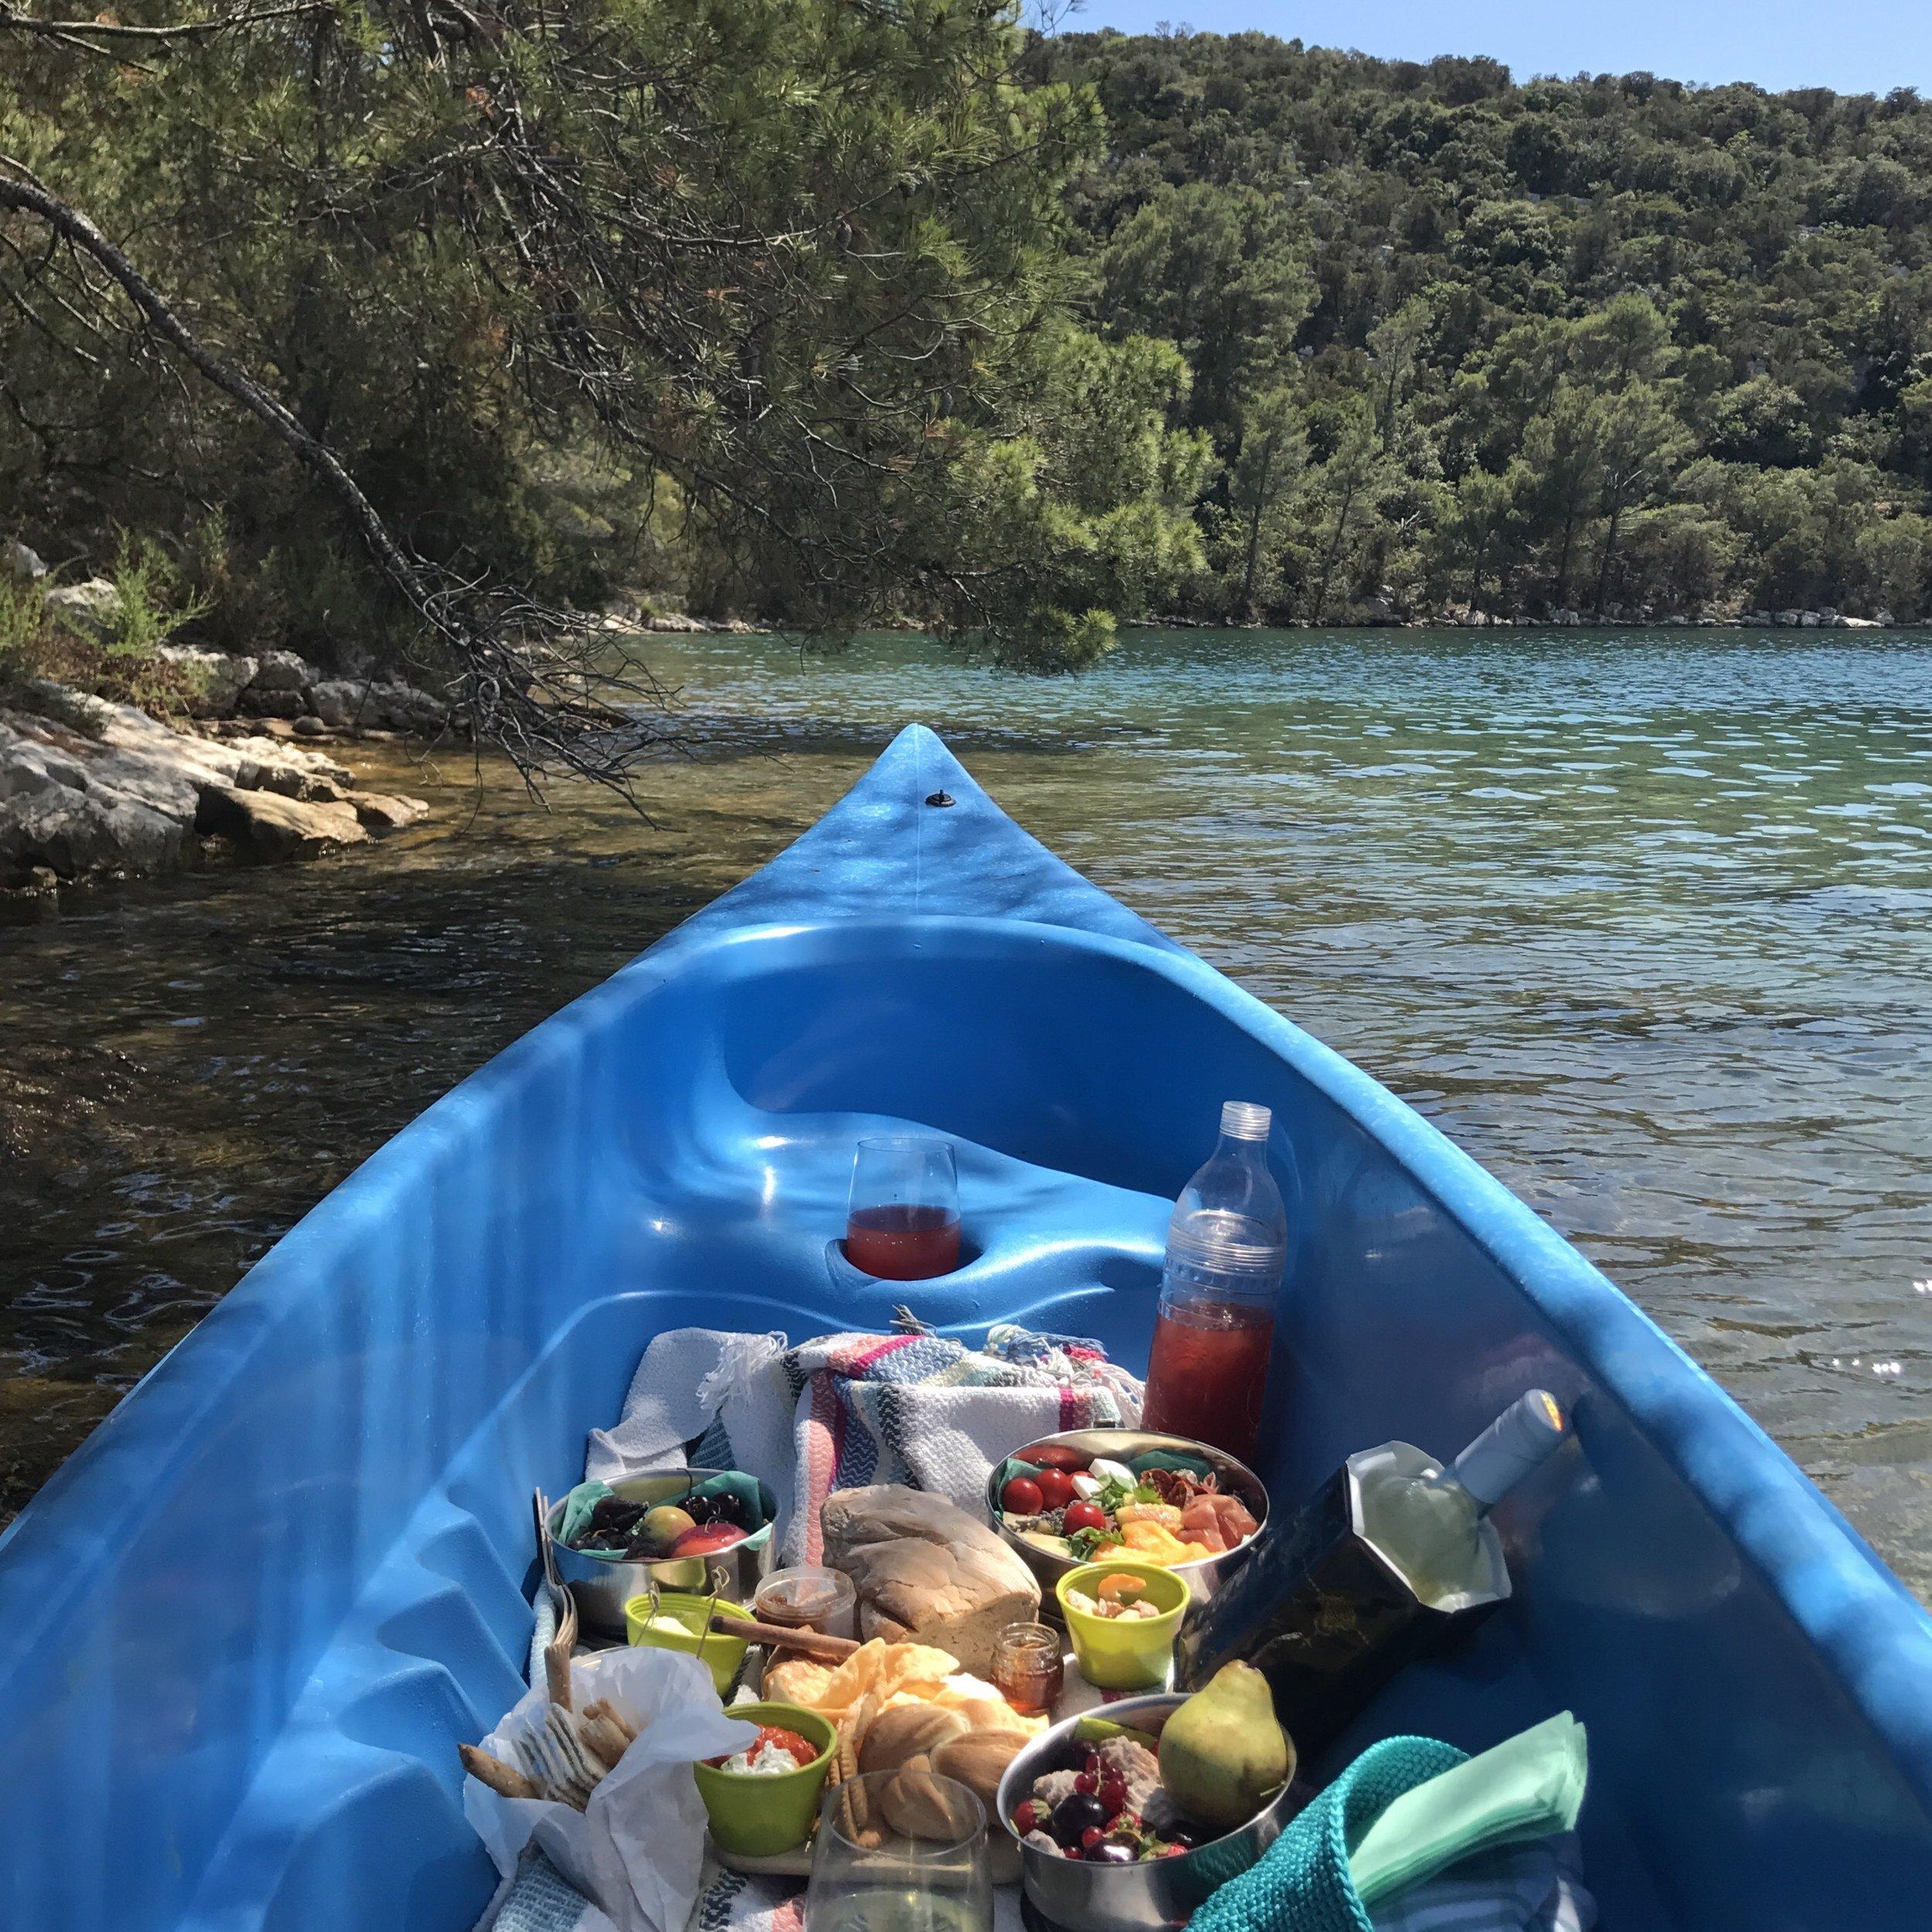 canoe piknik.jpg